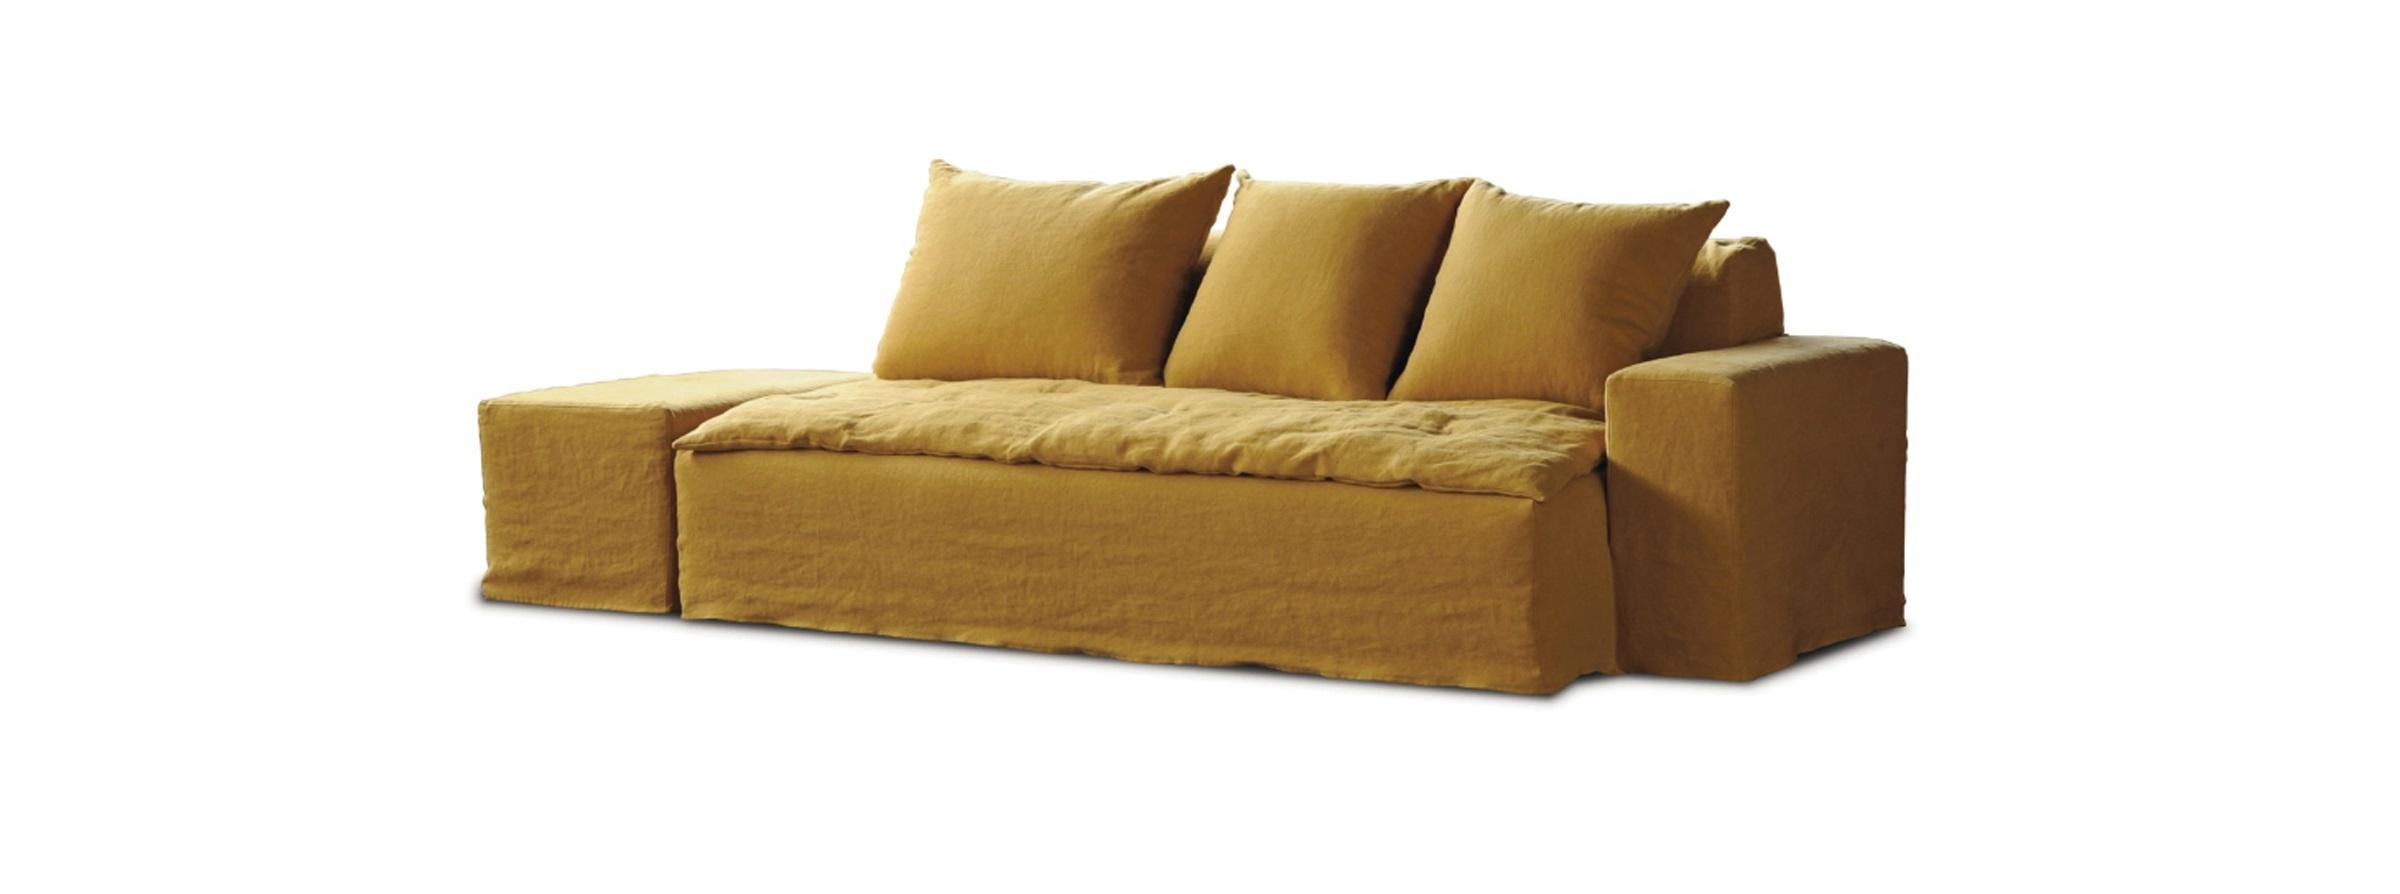 Désio-RADO-canapé-personnalisable-français-tissu-architecte-modulable-haut-de-gamme